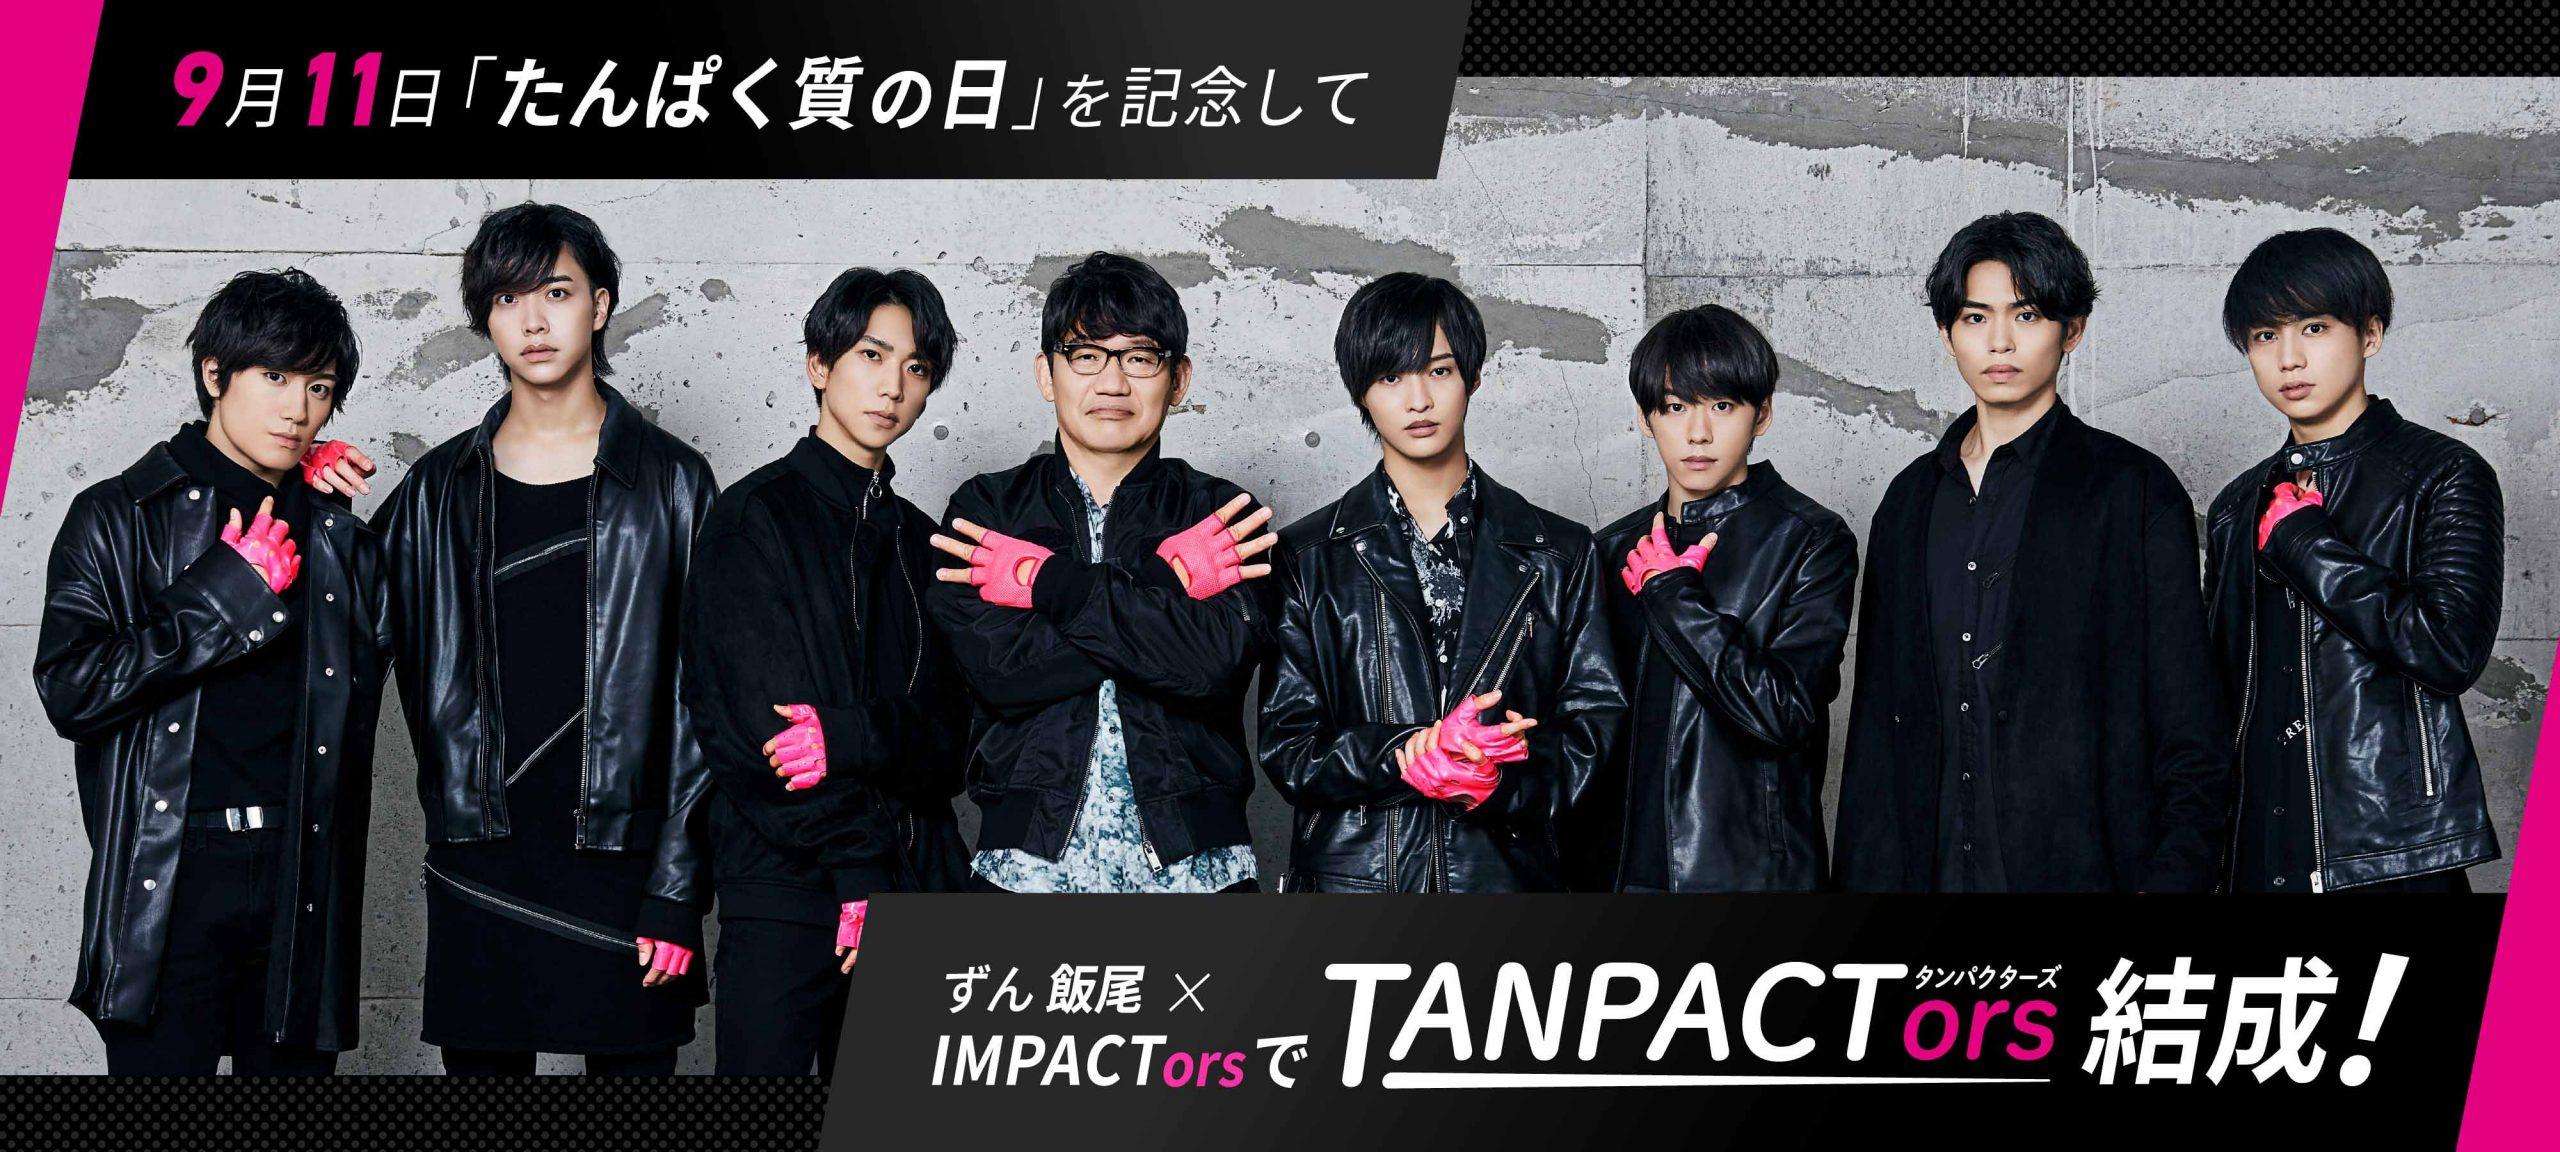 TANPACT